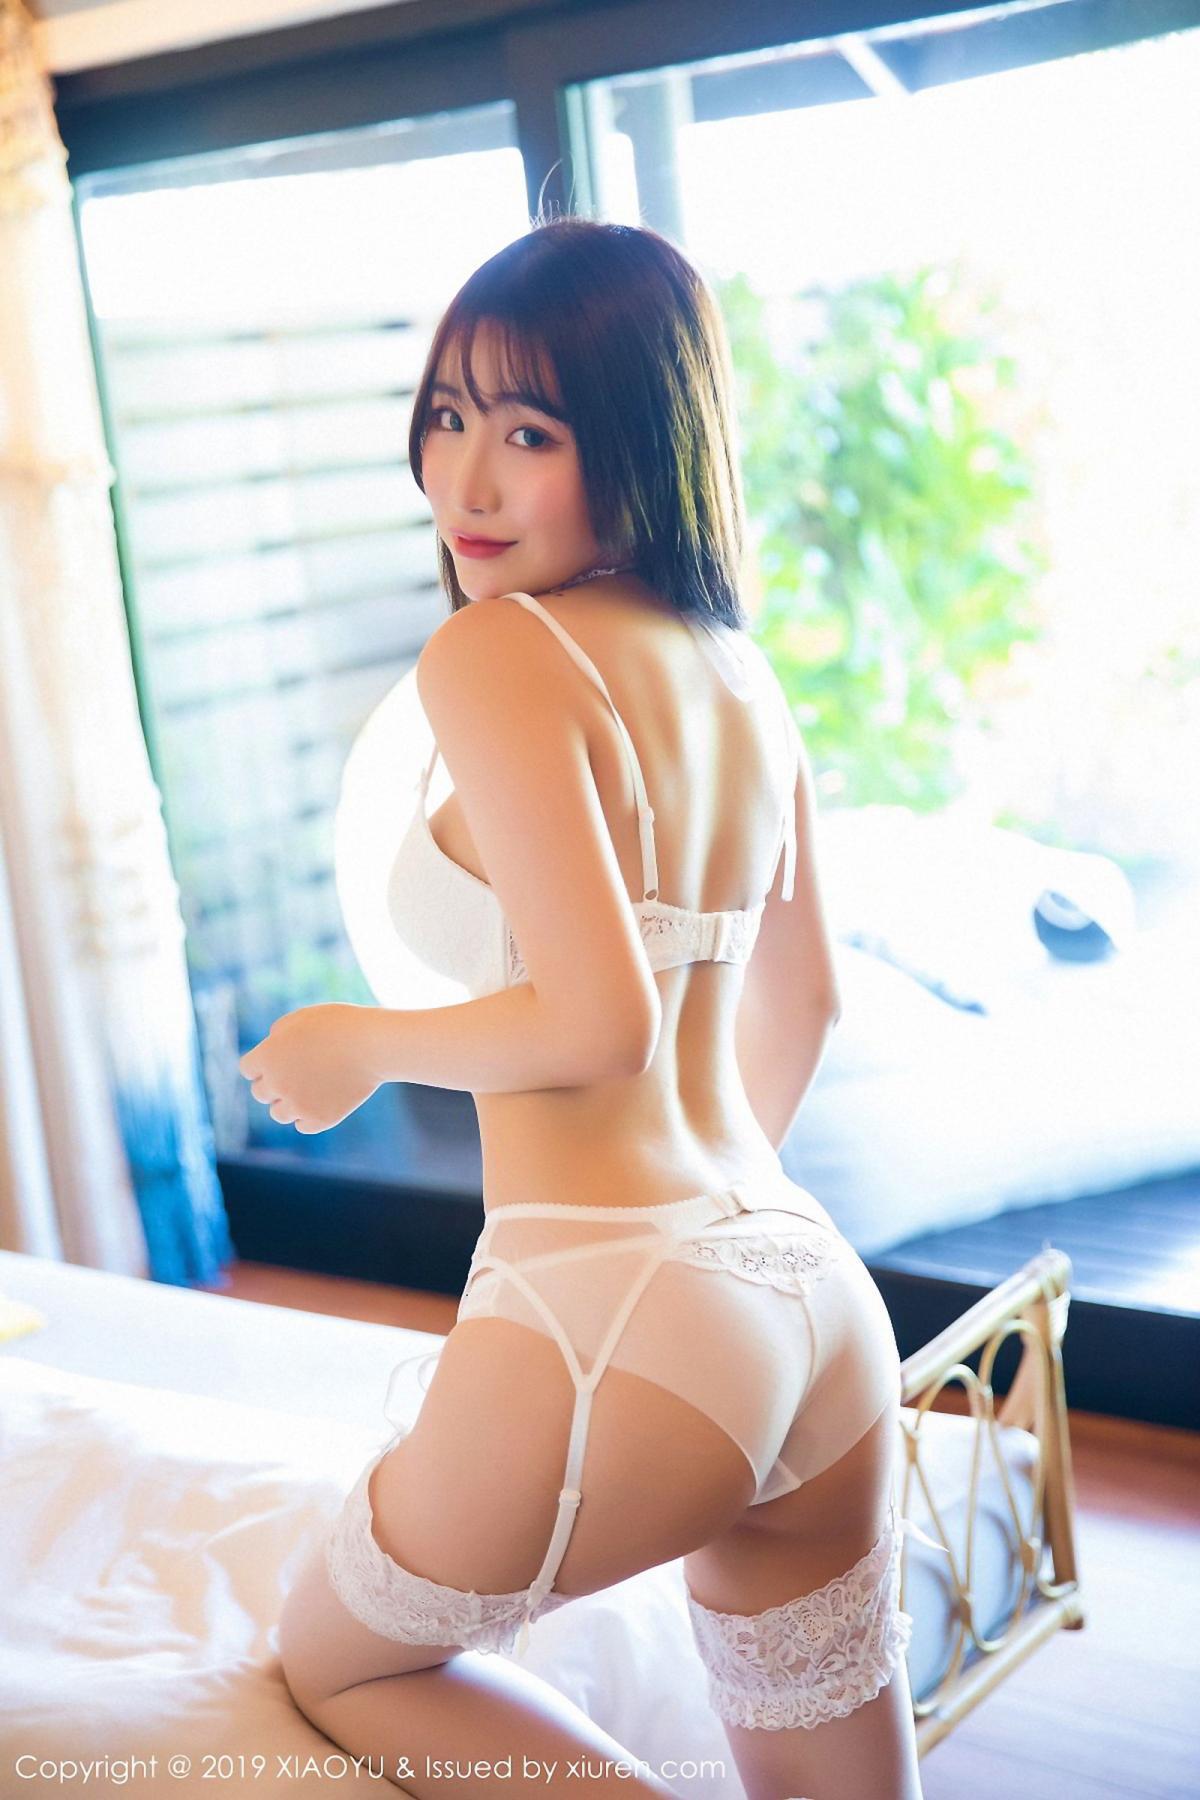 [XiaoYu] Vol.027 Xie Zhi Xin 28P, Bathroom, Underwear, XiaoYu, Xie Zhi Xin